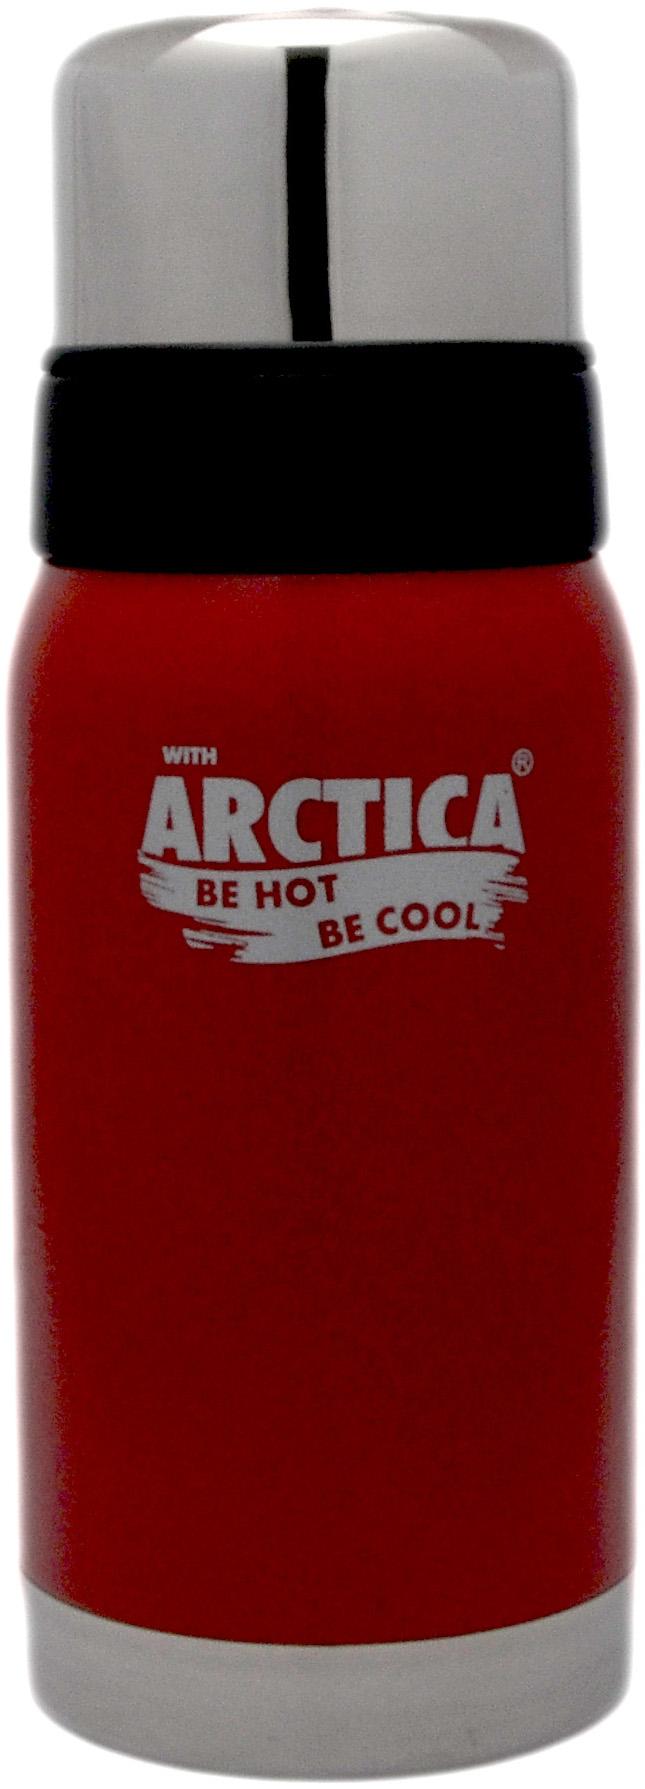 Арктика 0,5 л (106-500) - термос с узким горлом американский дизайн (Красный)